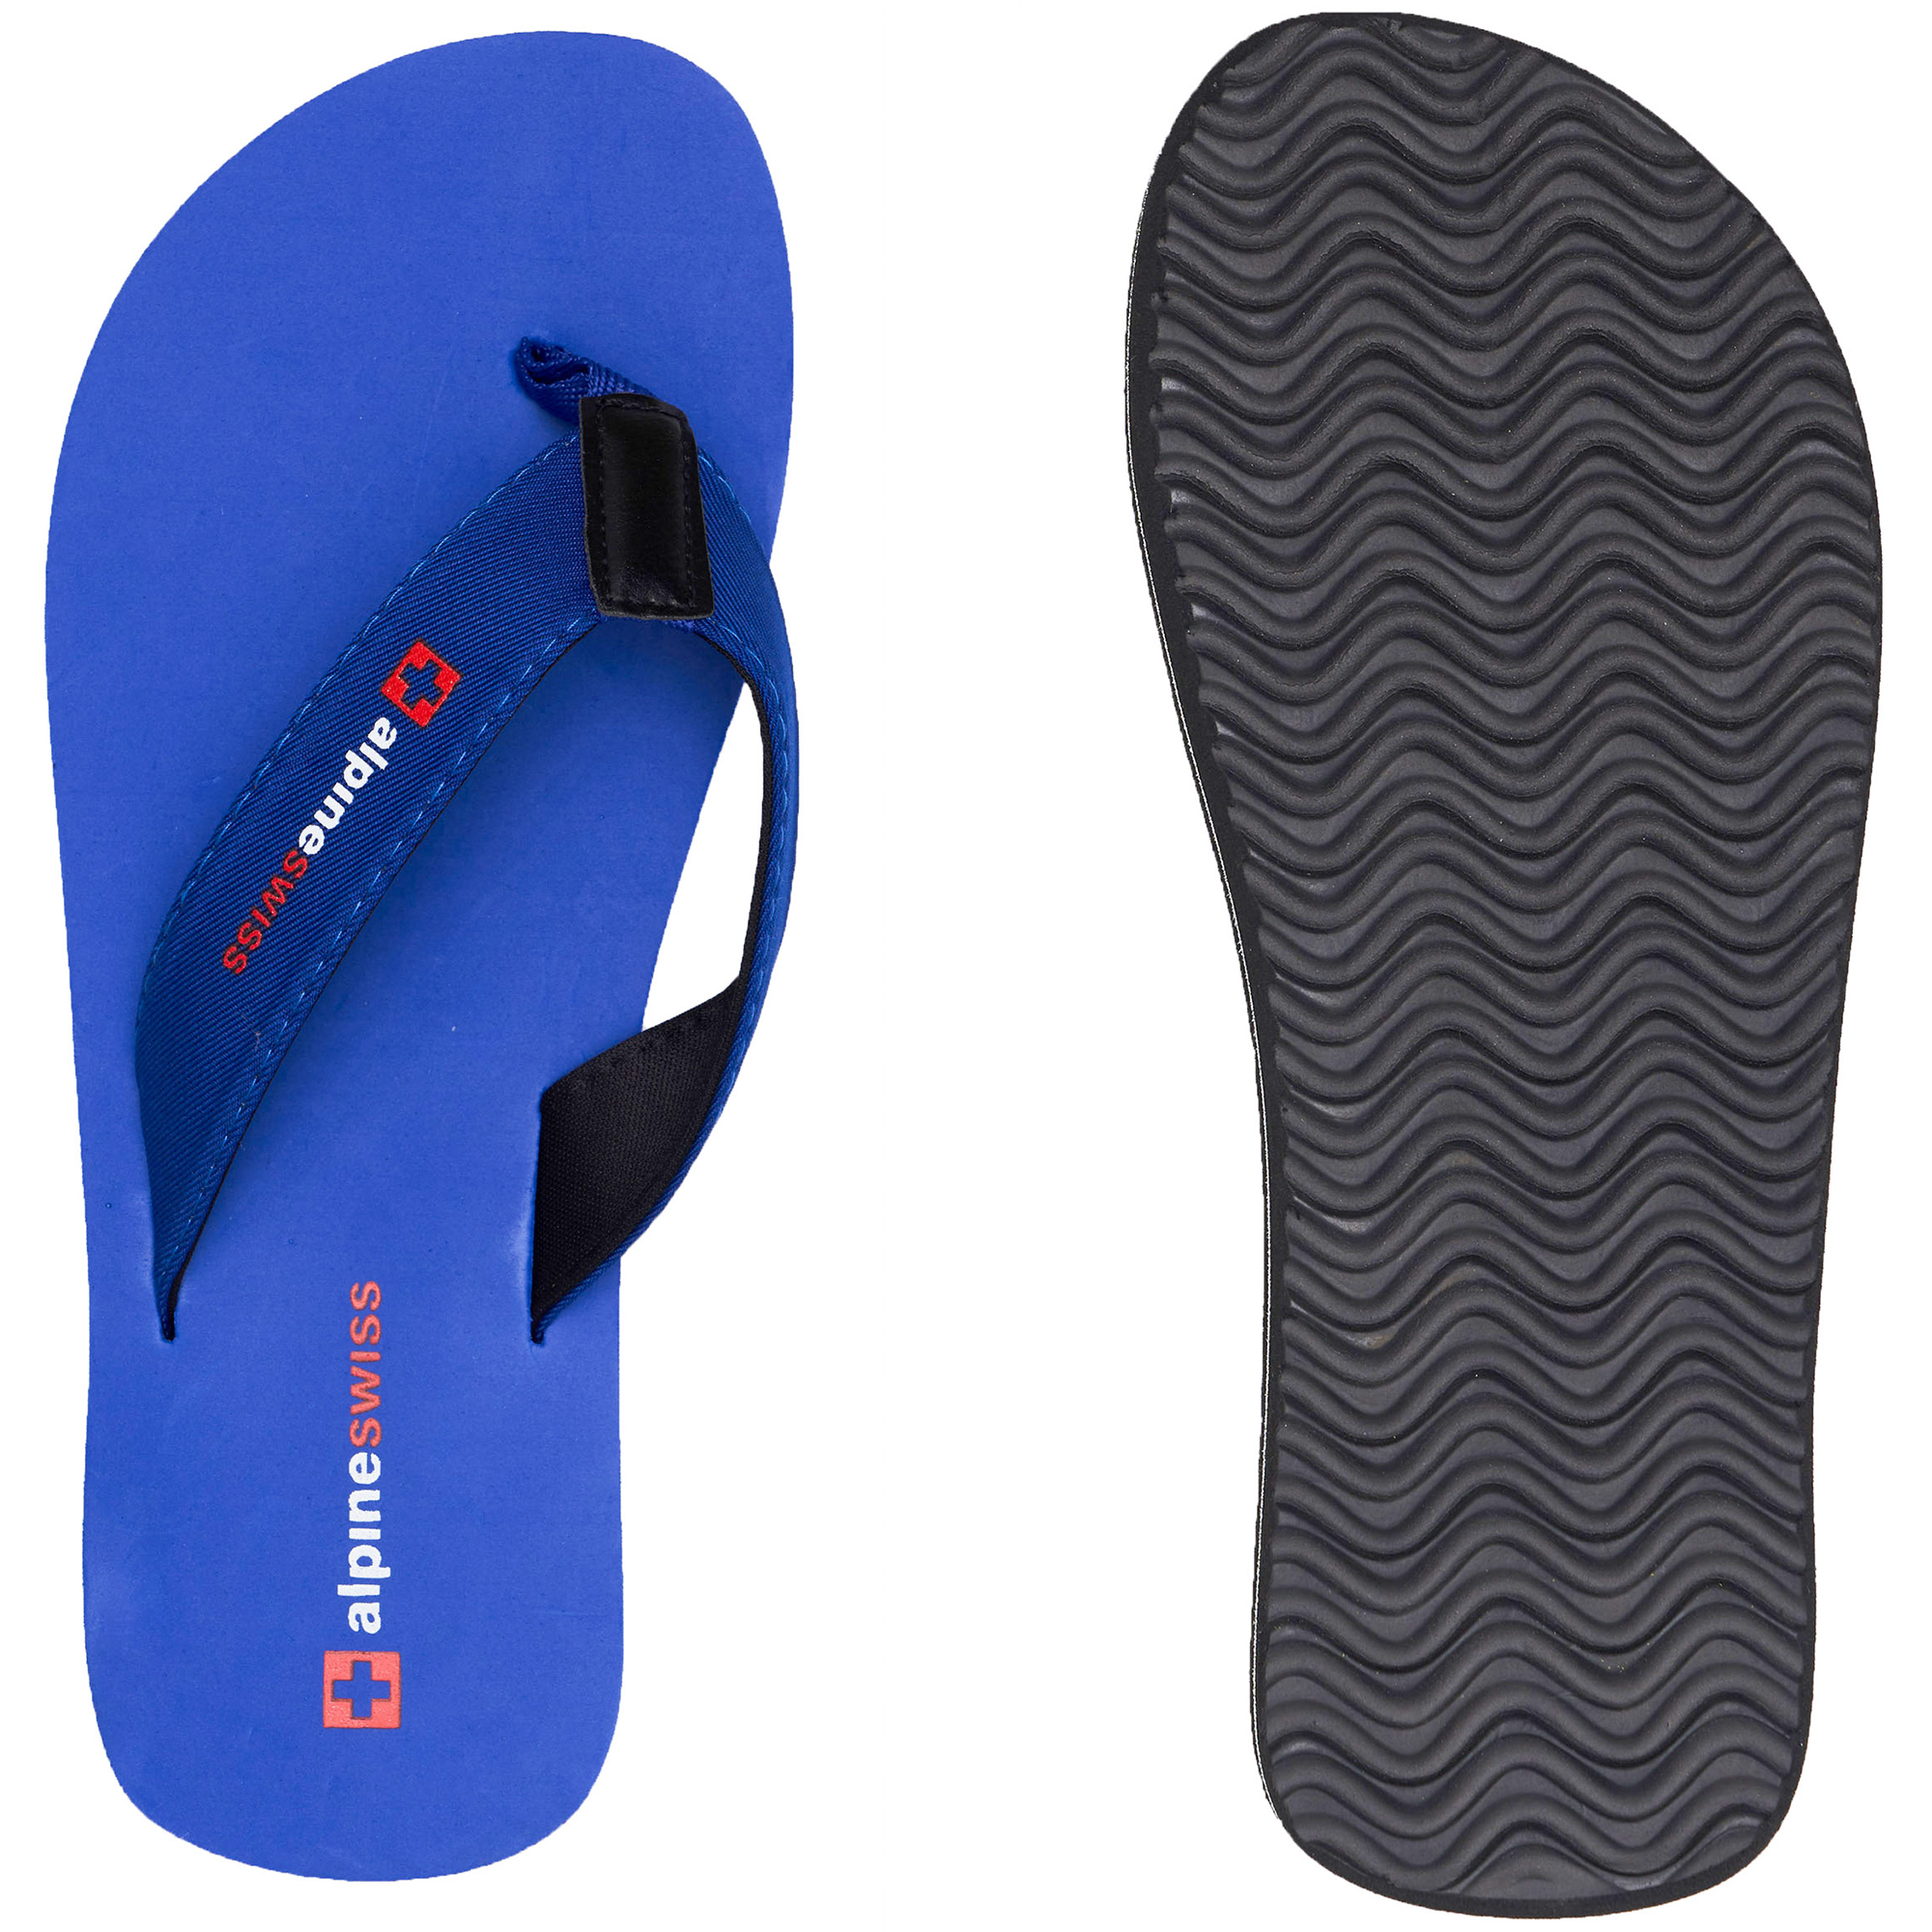 thumbnail 37 - Alpine Swiss Mens Flip Flops Beach Sandals Lightweight EVA Sole Comfort Thongs